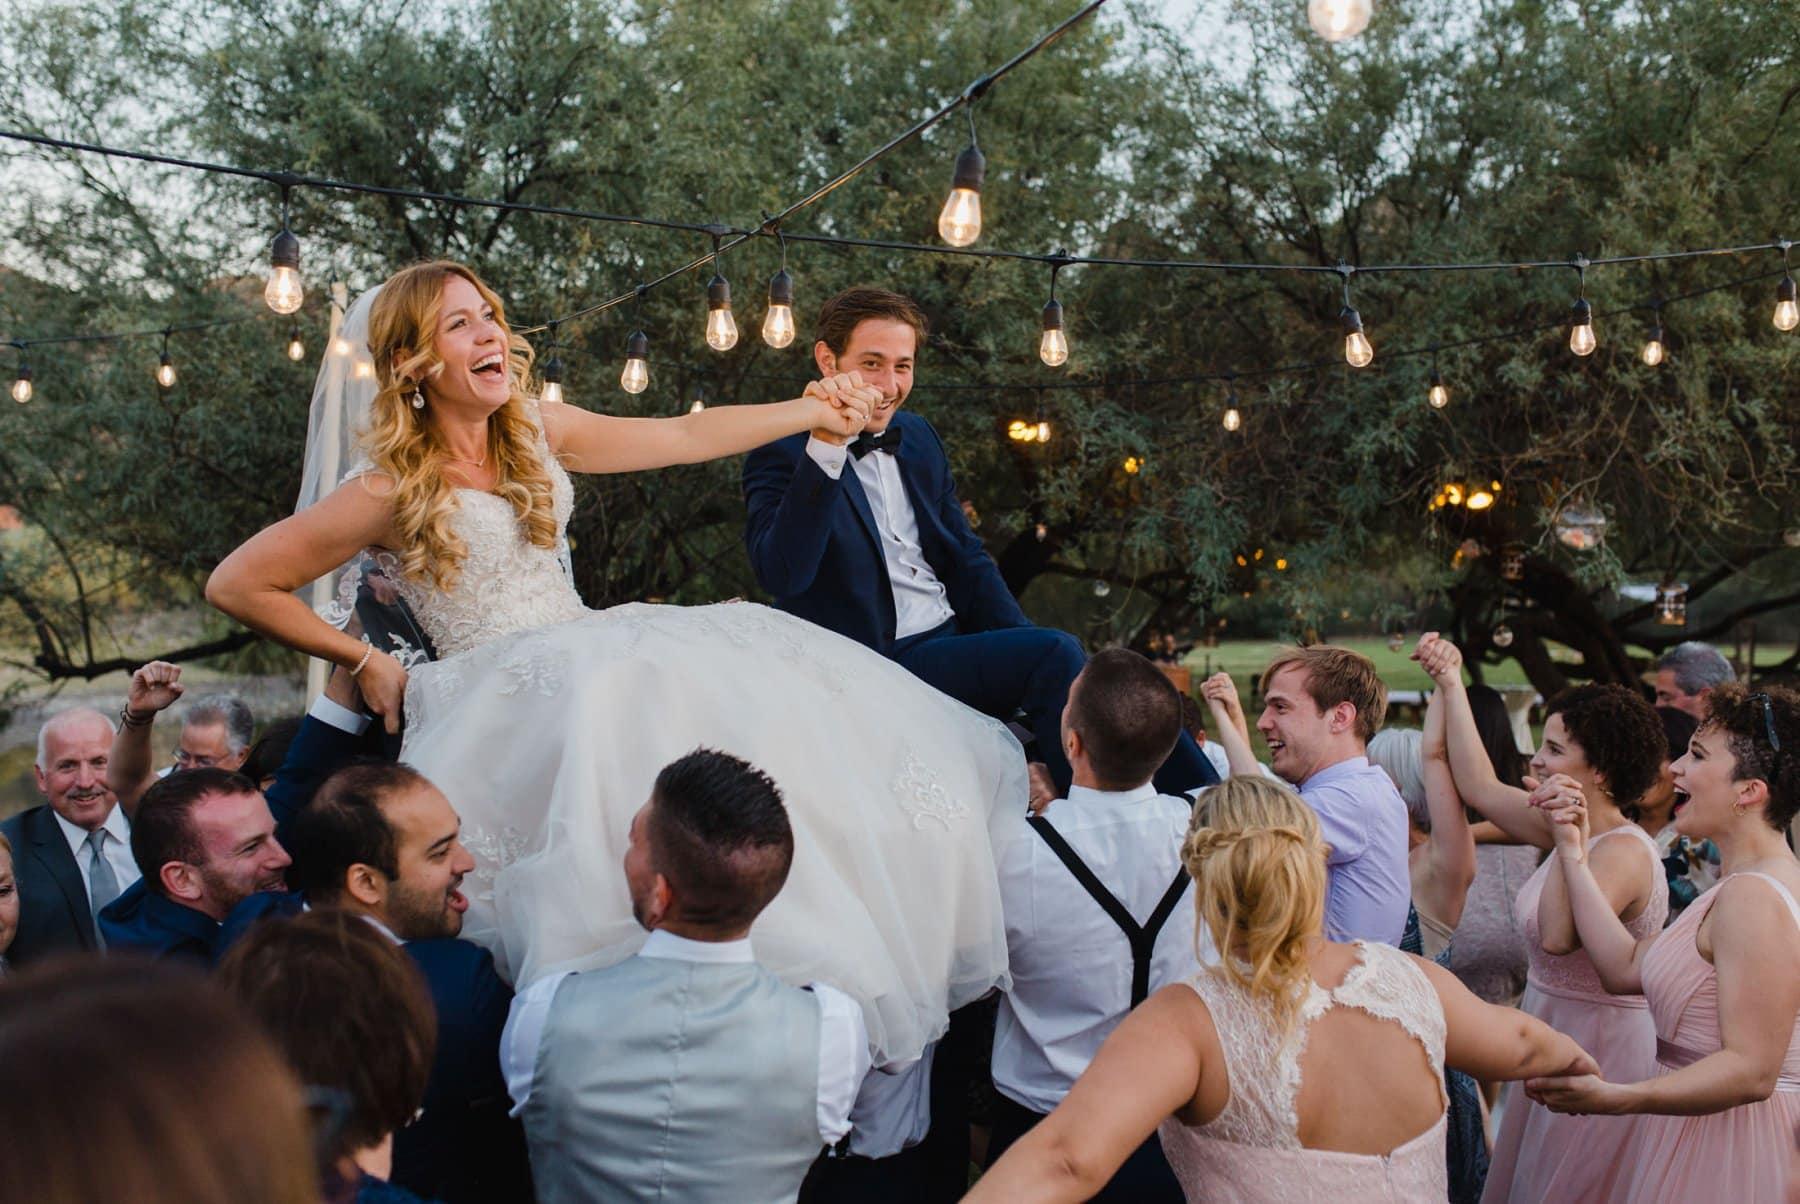 horah Jewish wedding dance Saguaro Lake Ranch wedding